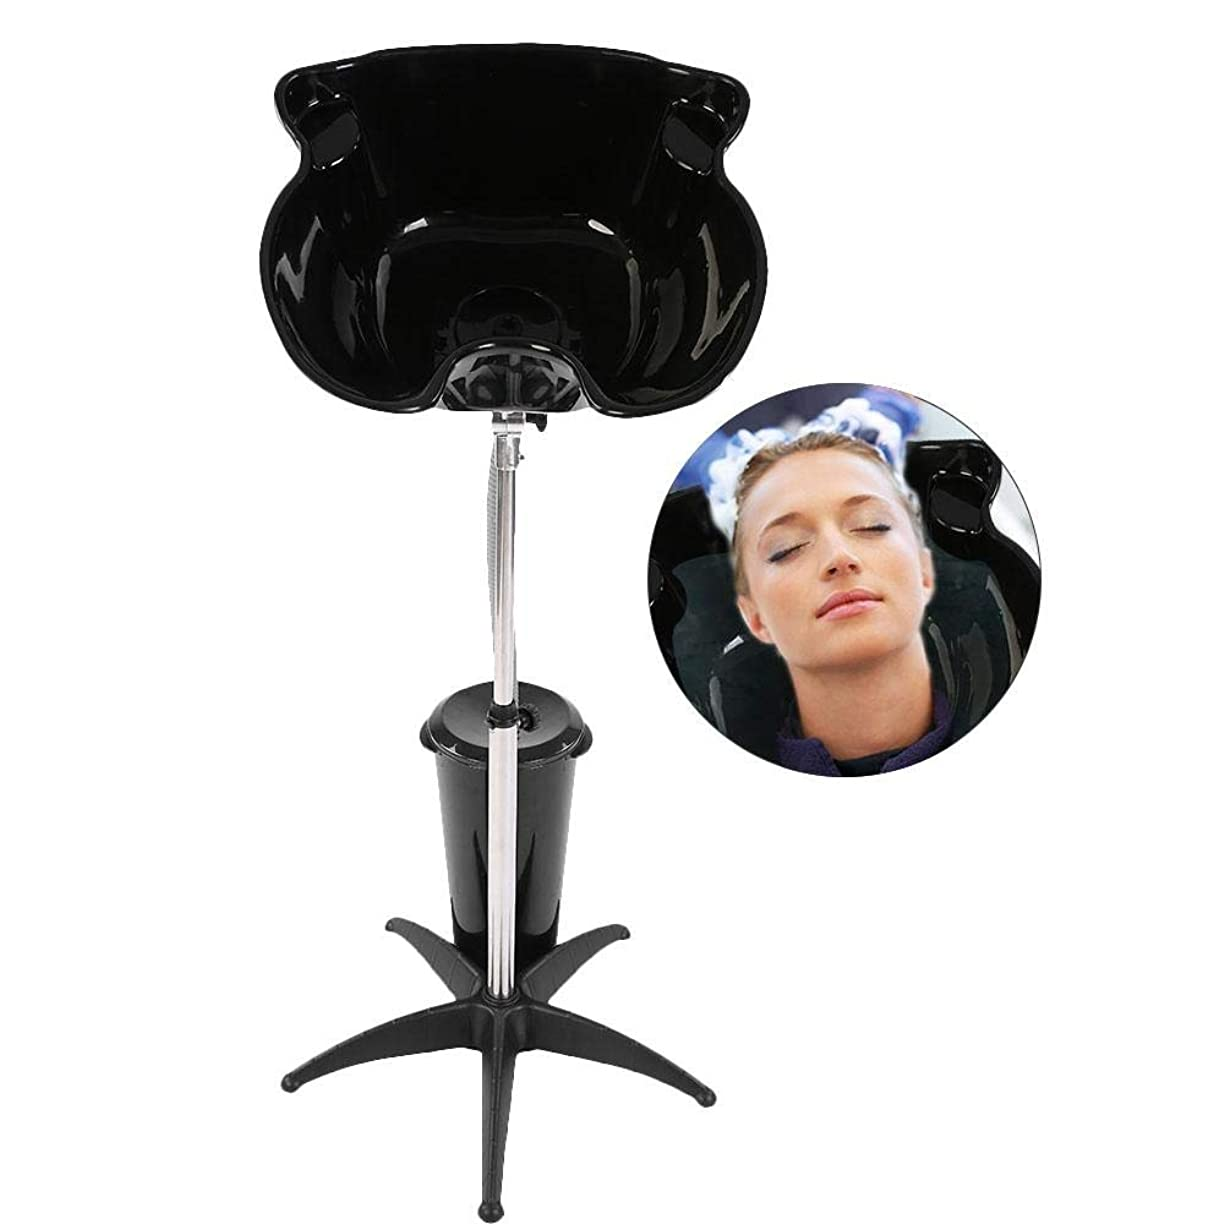 ホーム要件啓発する水切り付き洗面器、高さ調節可能ステンレススチール理髪店のシンク